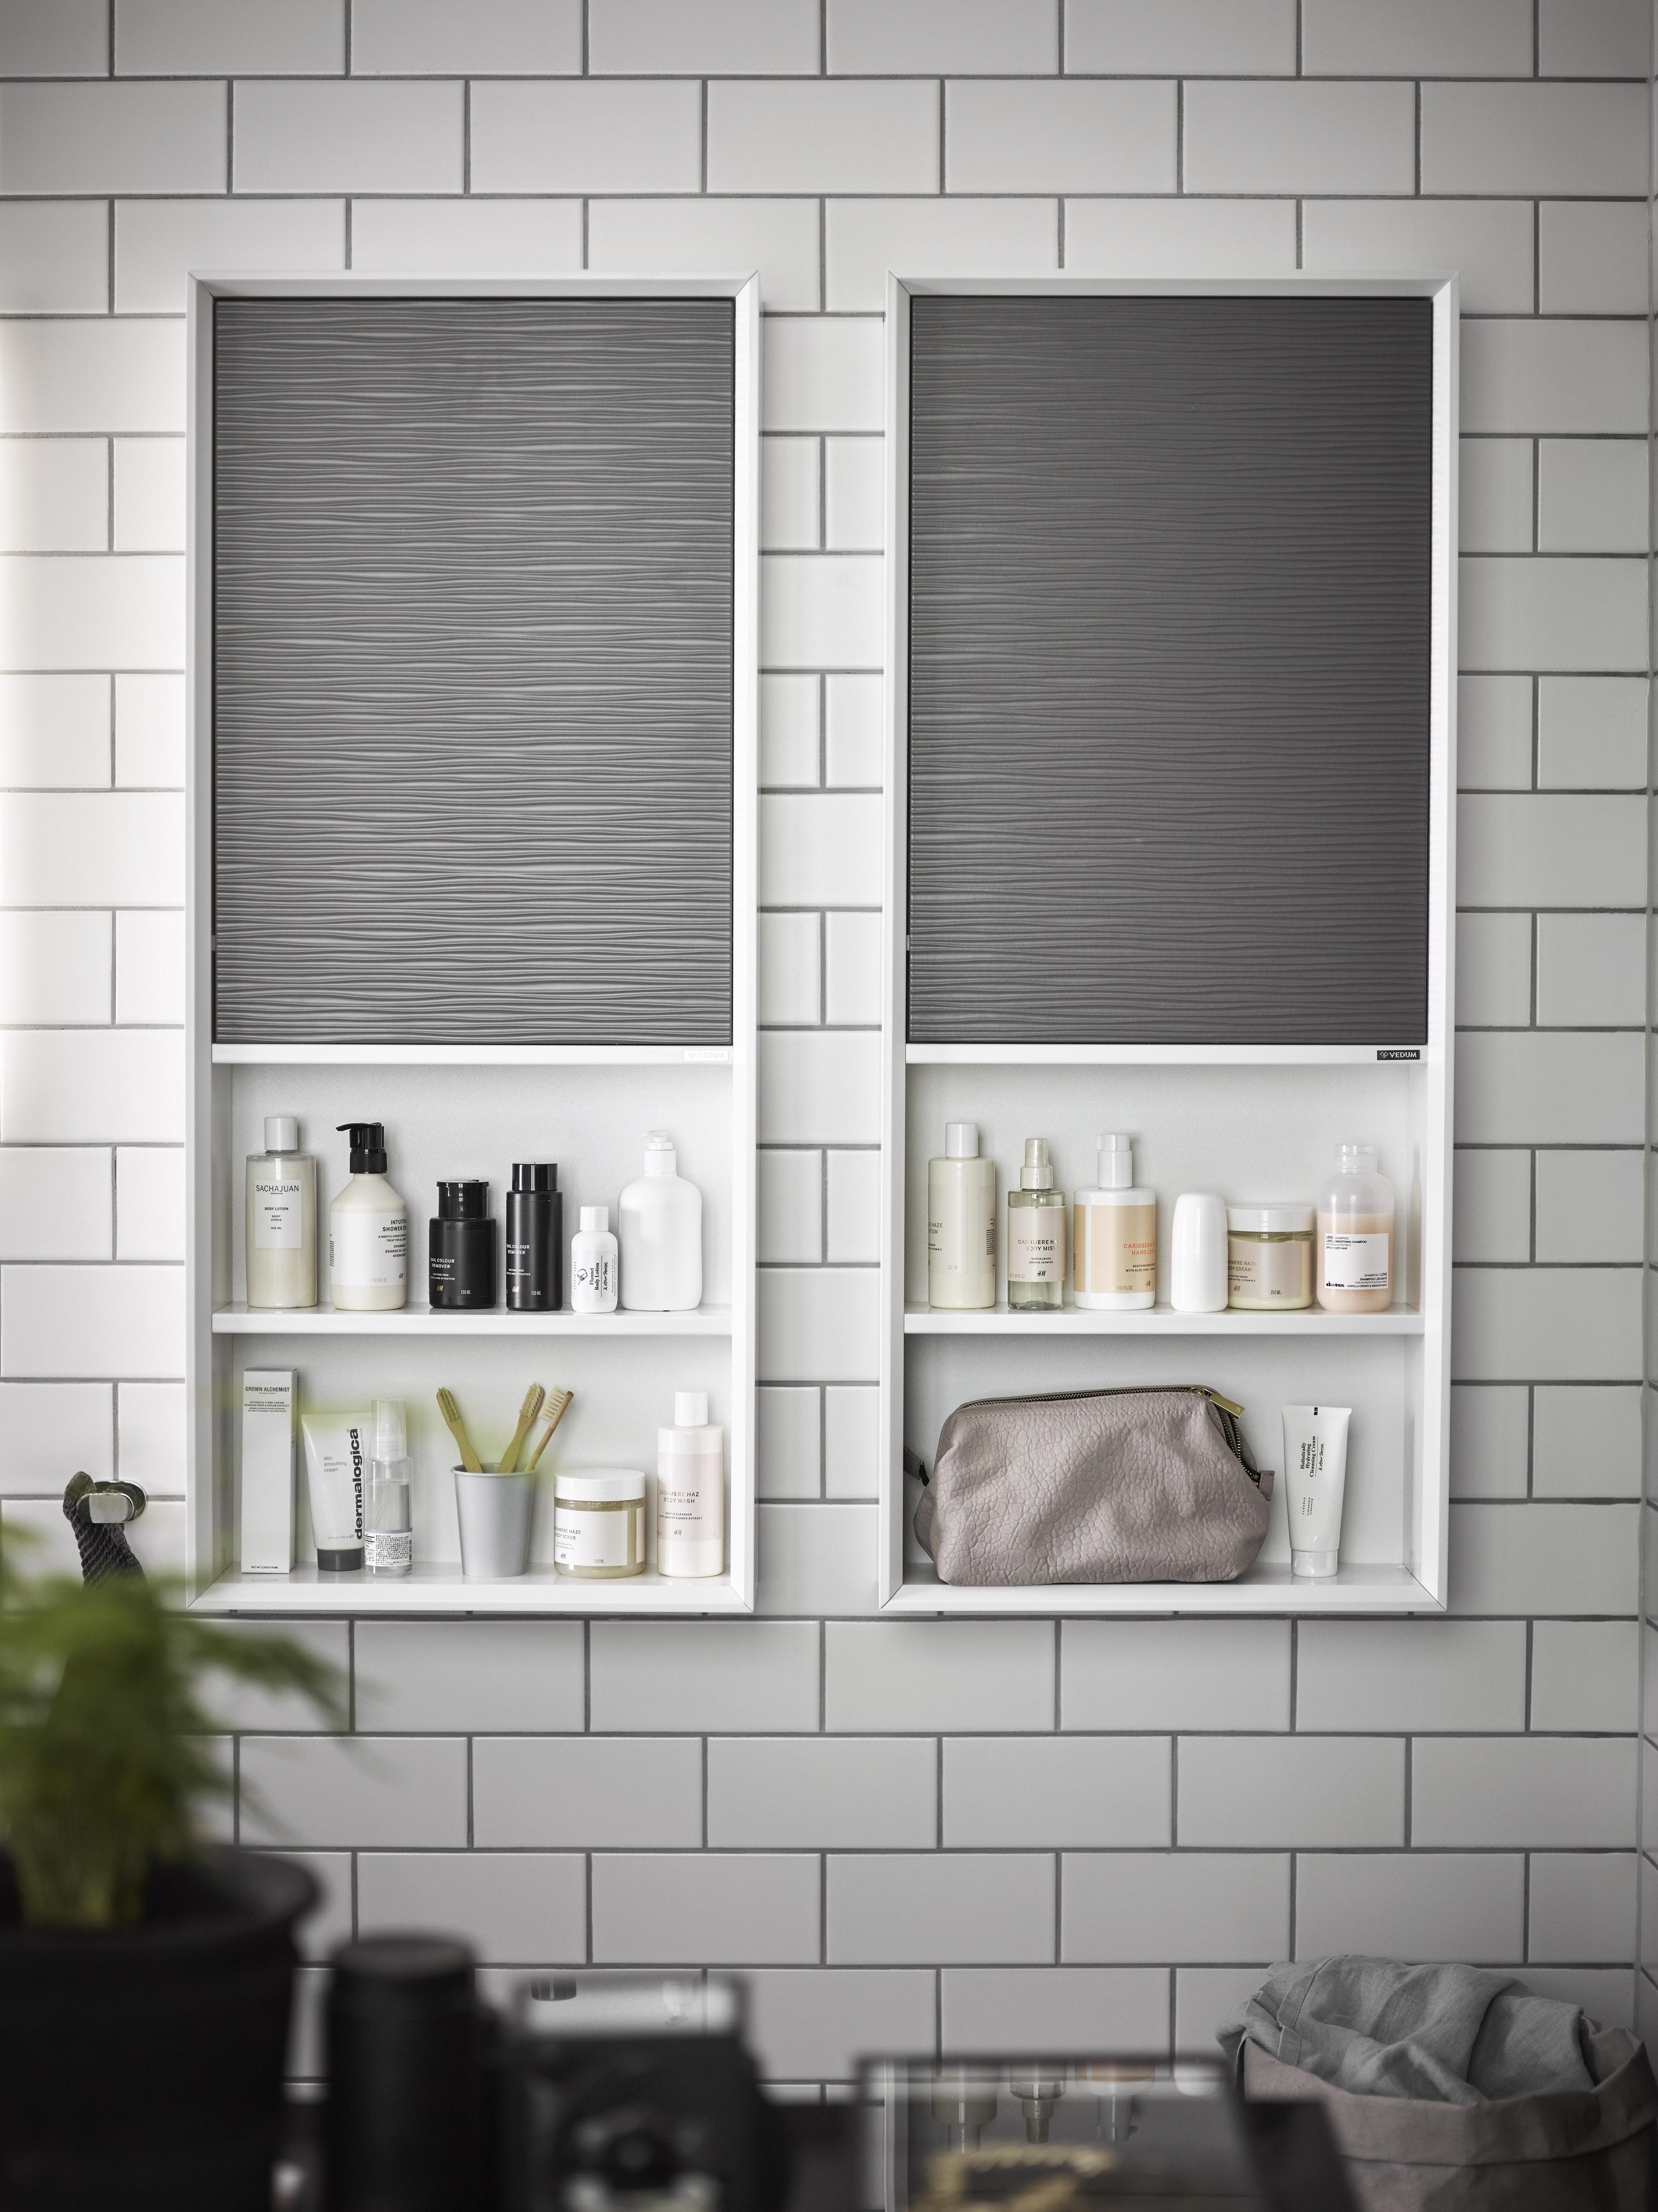 Badbilder - Nytt kök badrum och tvättstuga - Vedum kök och bad AB